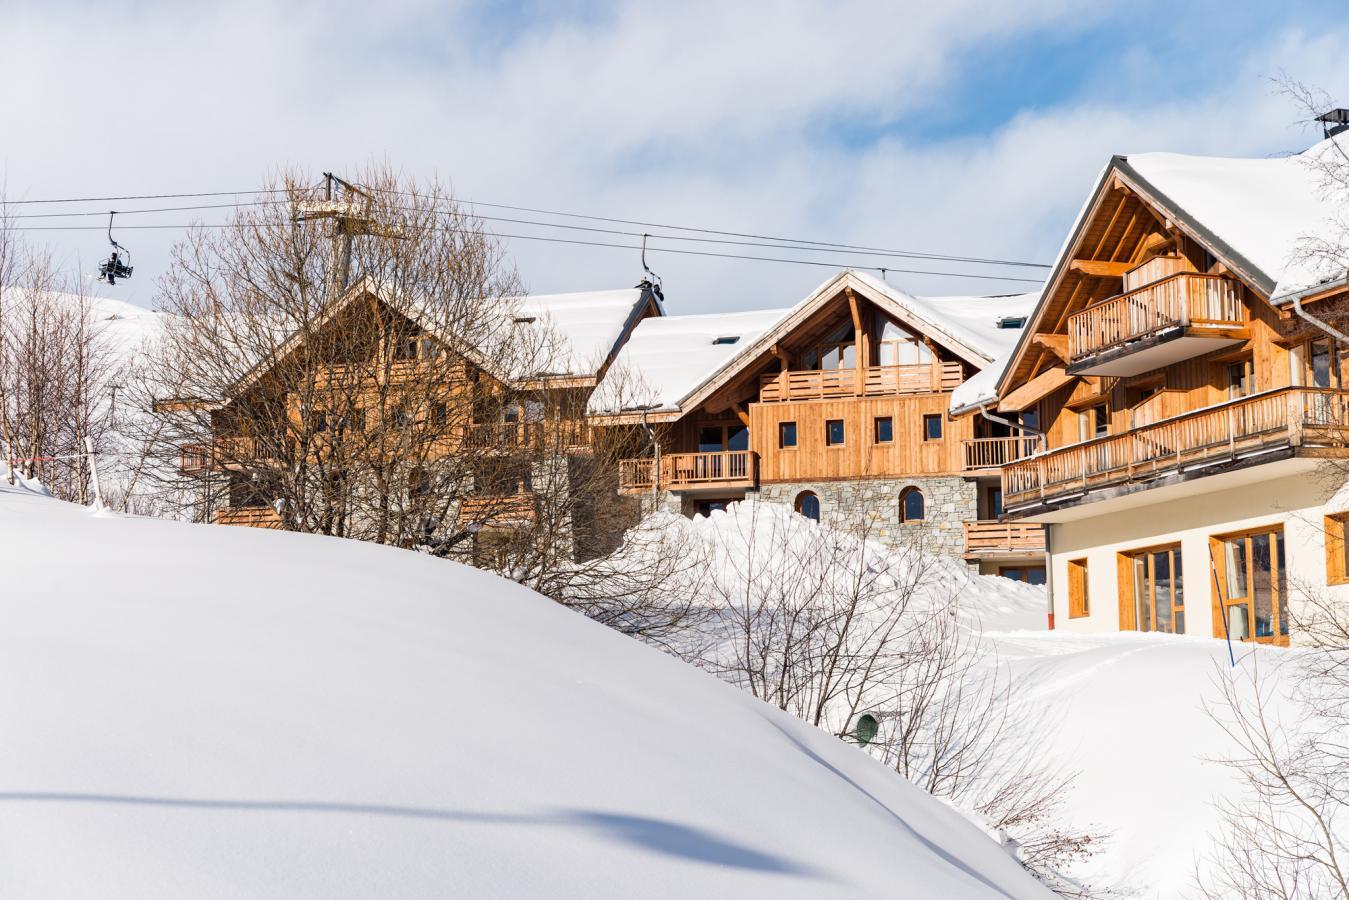 r sidence lagrange les balcons des aiguilles 15 la toussuire location vacances ski la. Black Bedroom Furniture Sets. Home Design Ideas